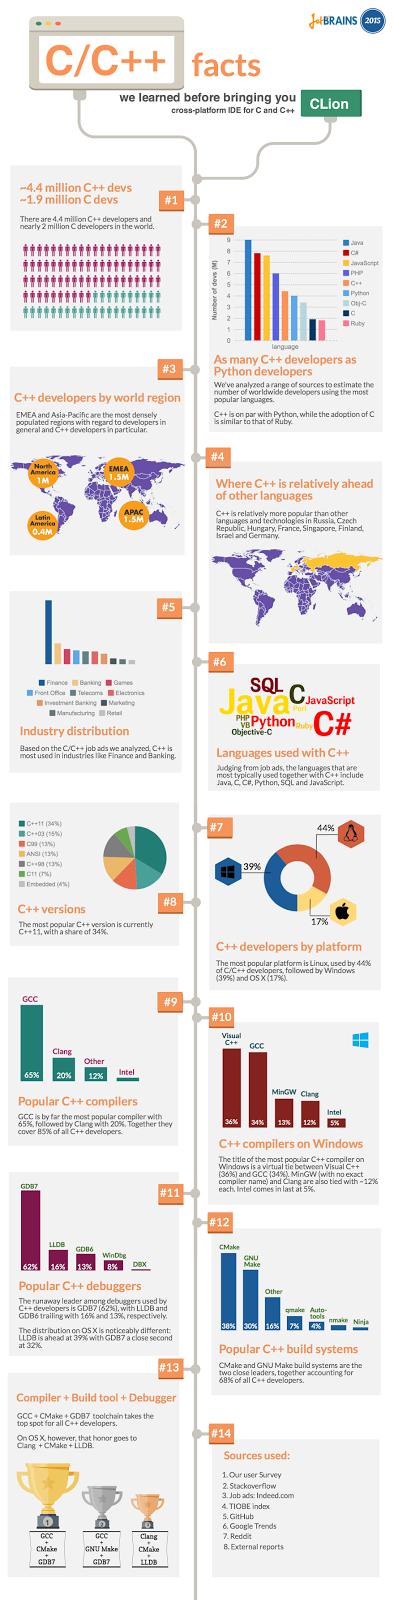 Linux é mais utilizado em C e C++